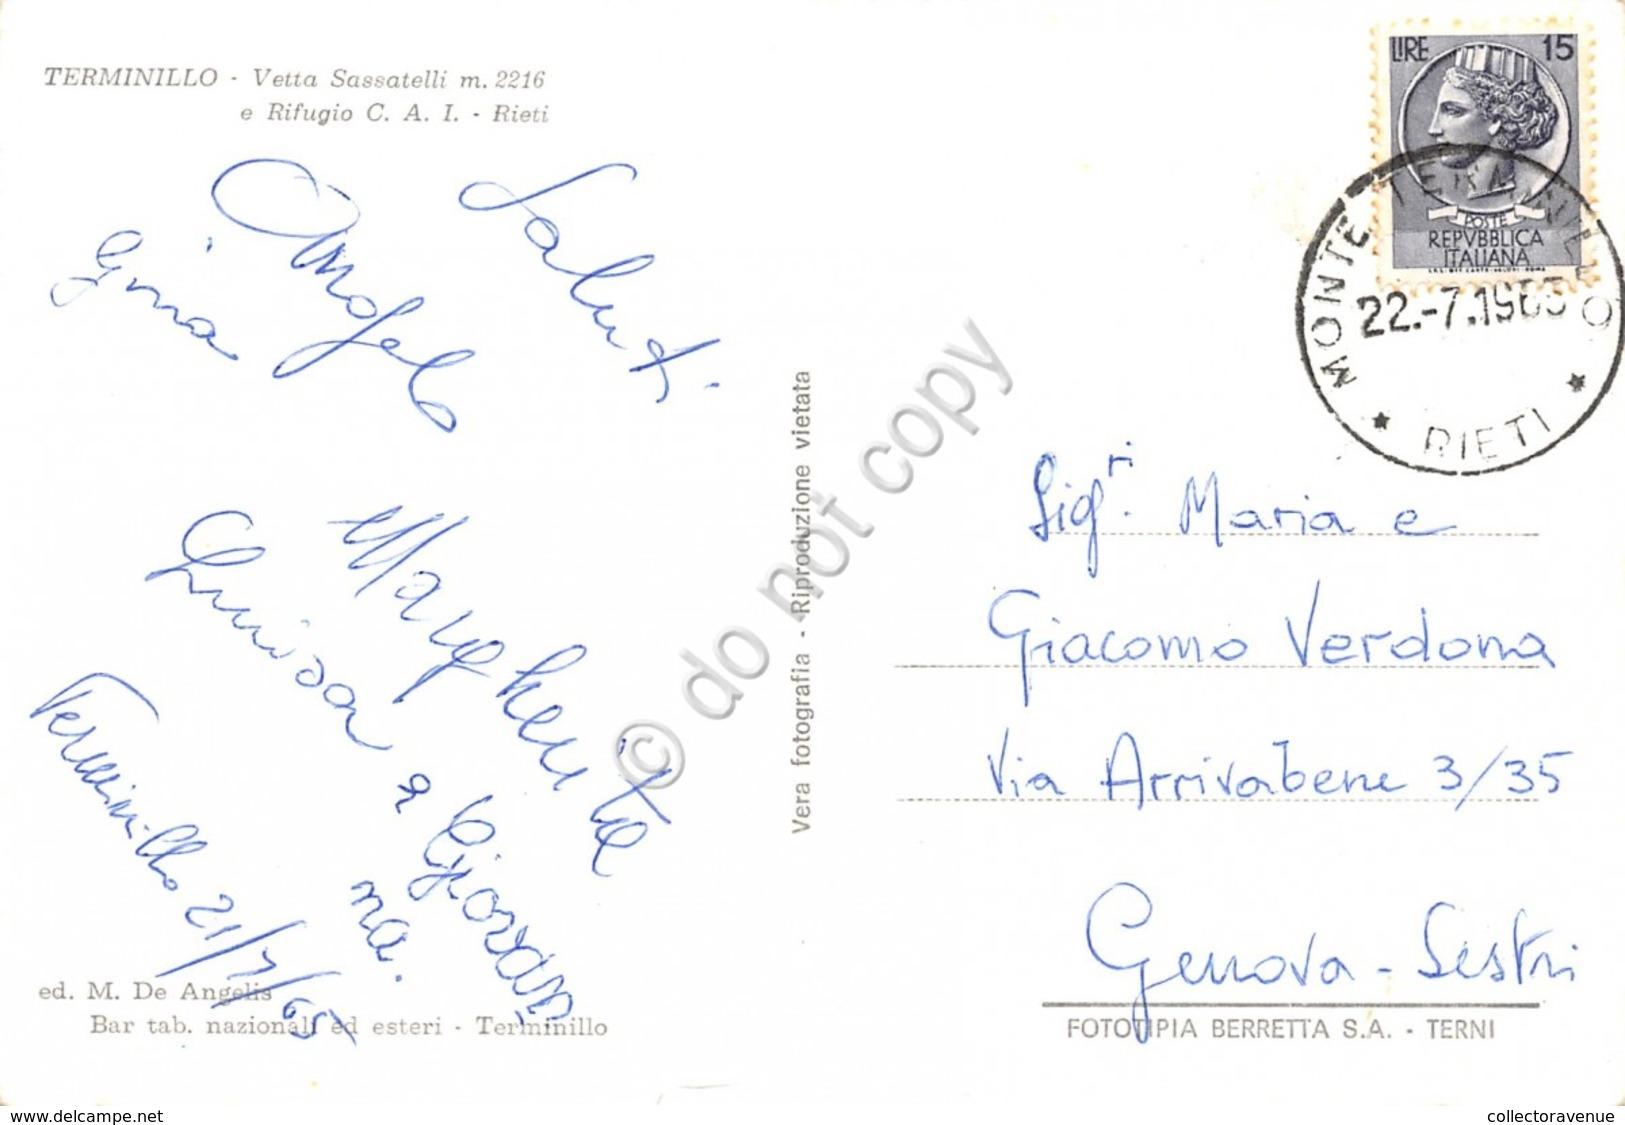 Cartolina Terminillo Vetta Sassatelli Rifugio CAI Auto D'epoca 1965 - Rieti